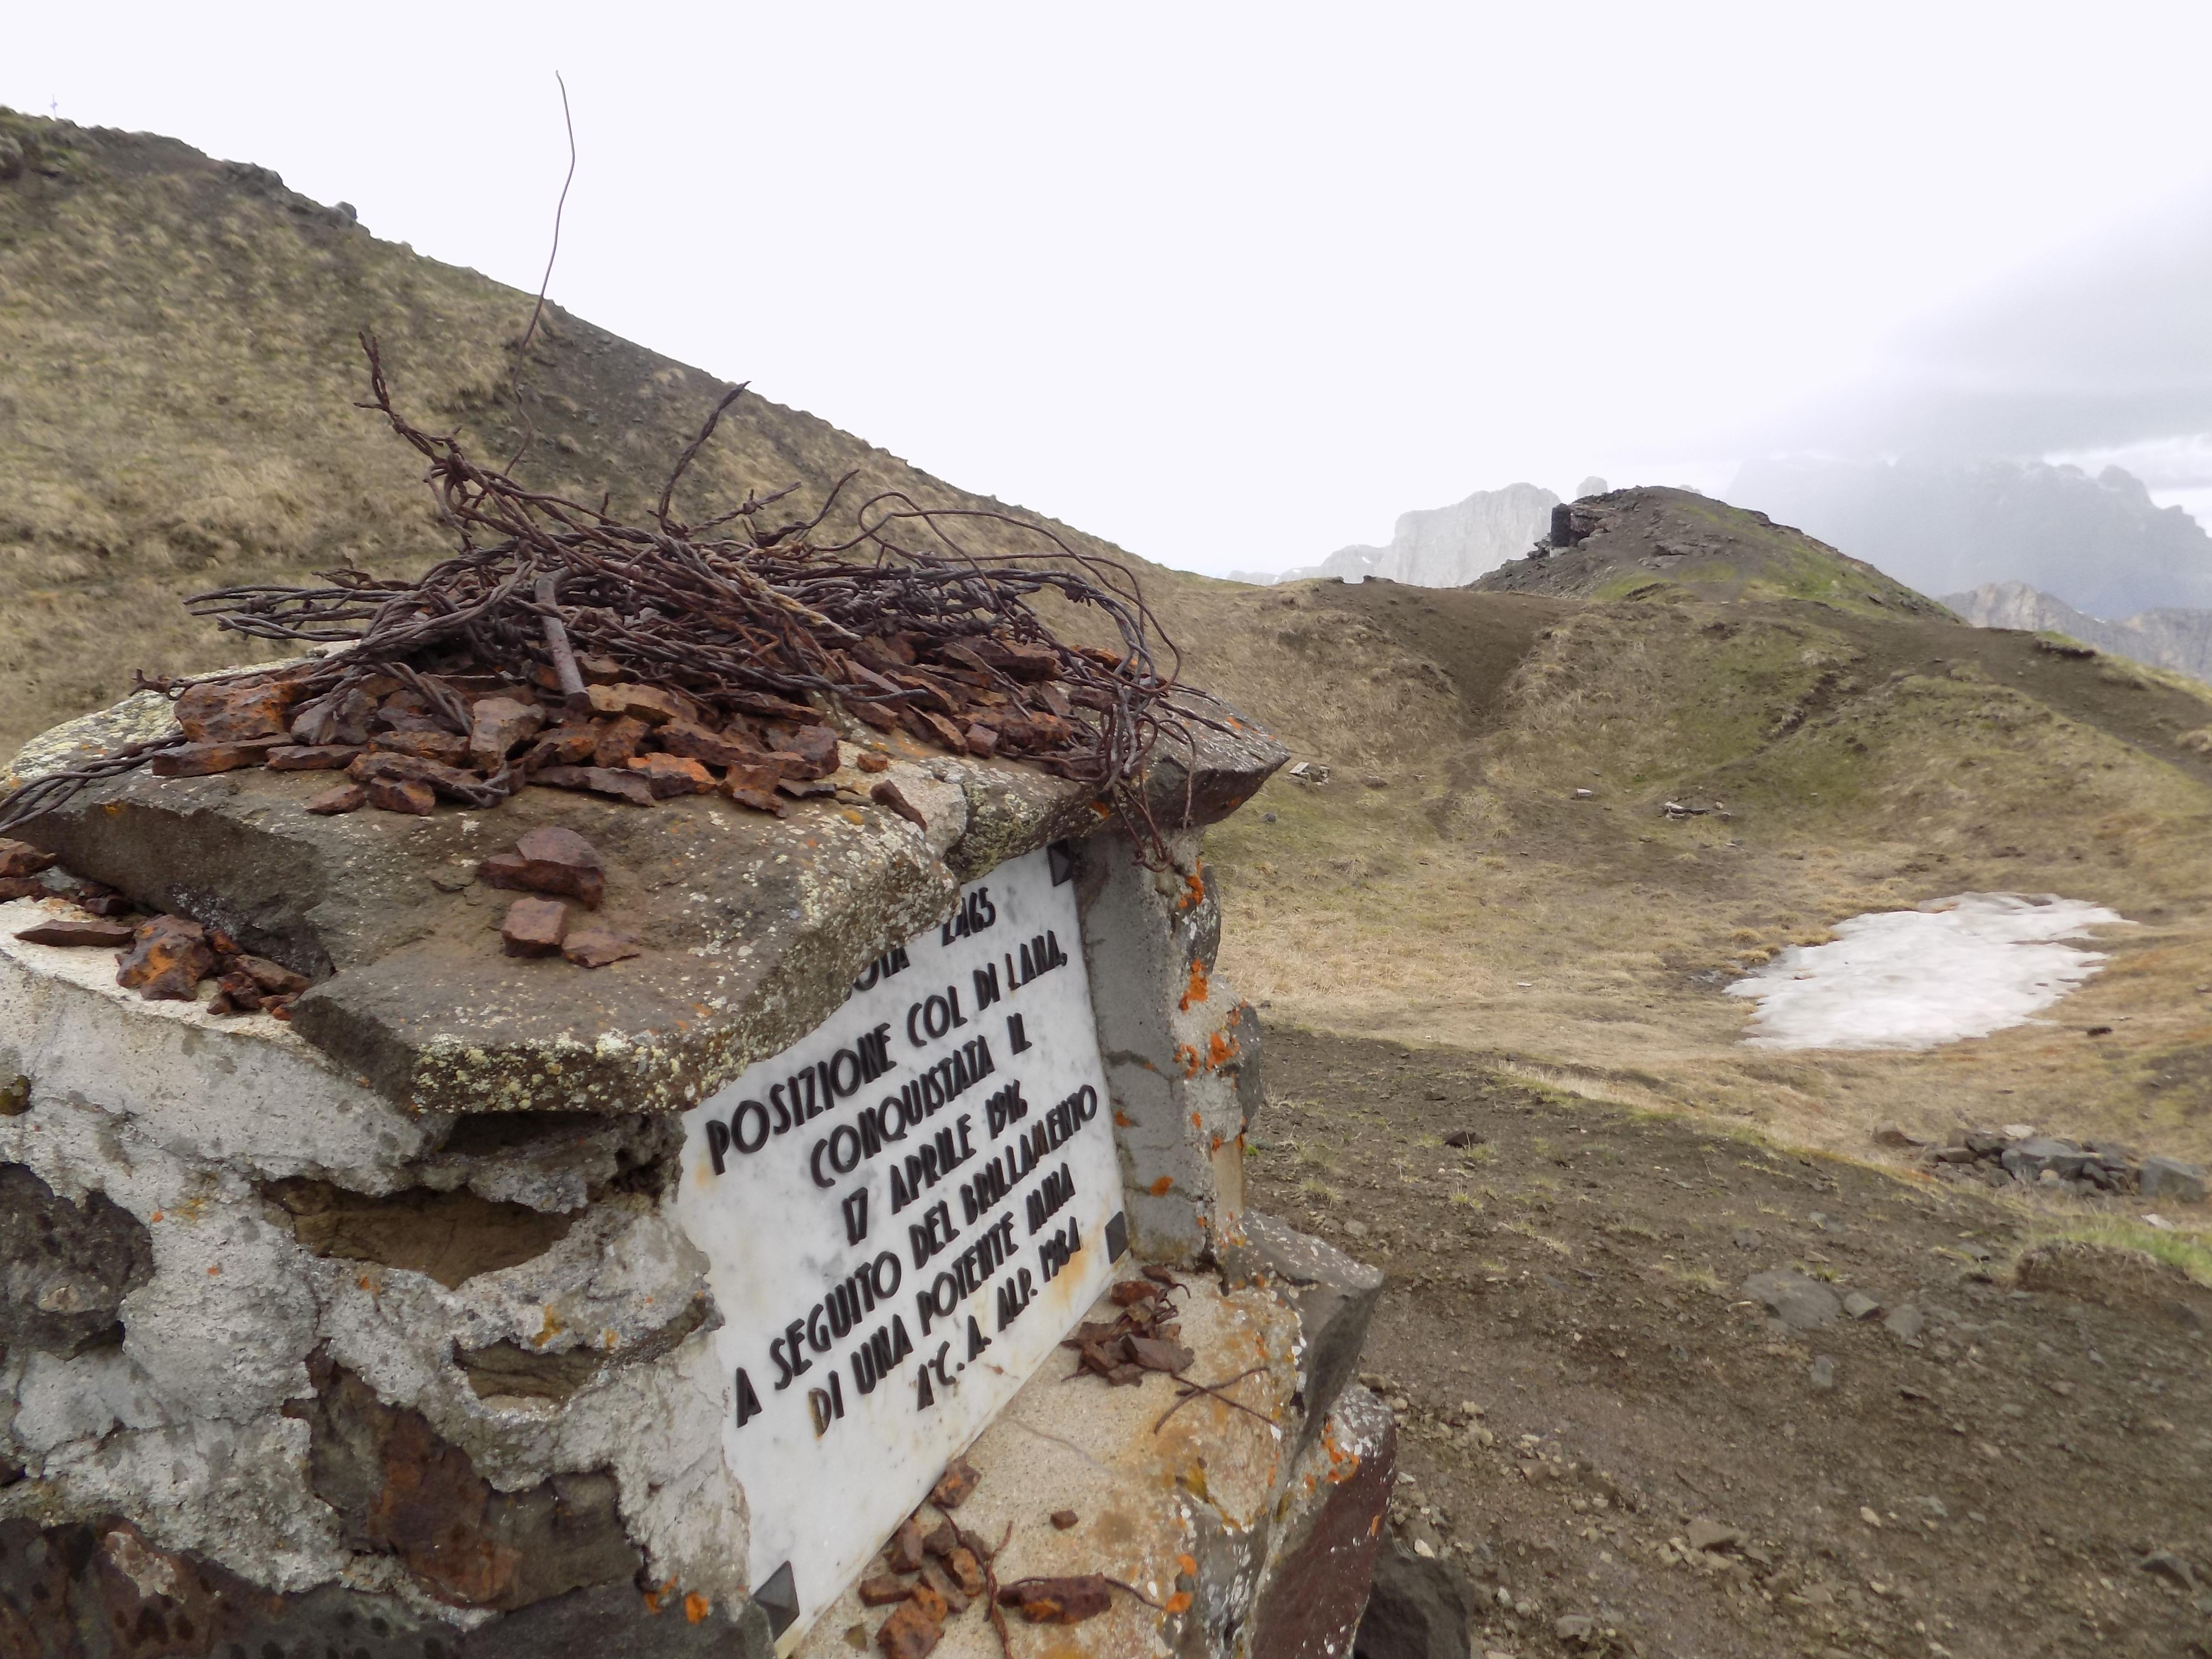 Col di Lana crater of 17 April 1916